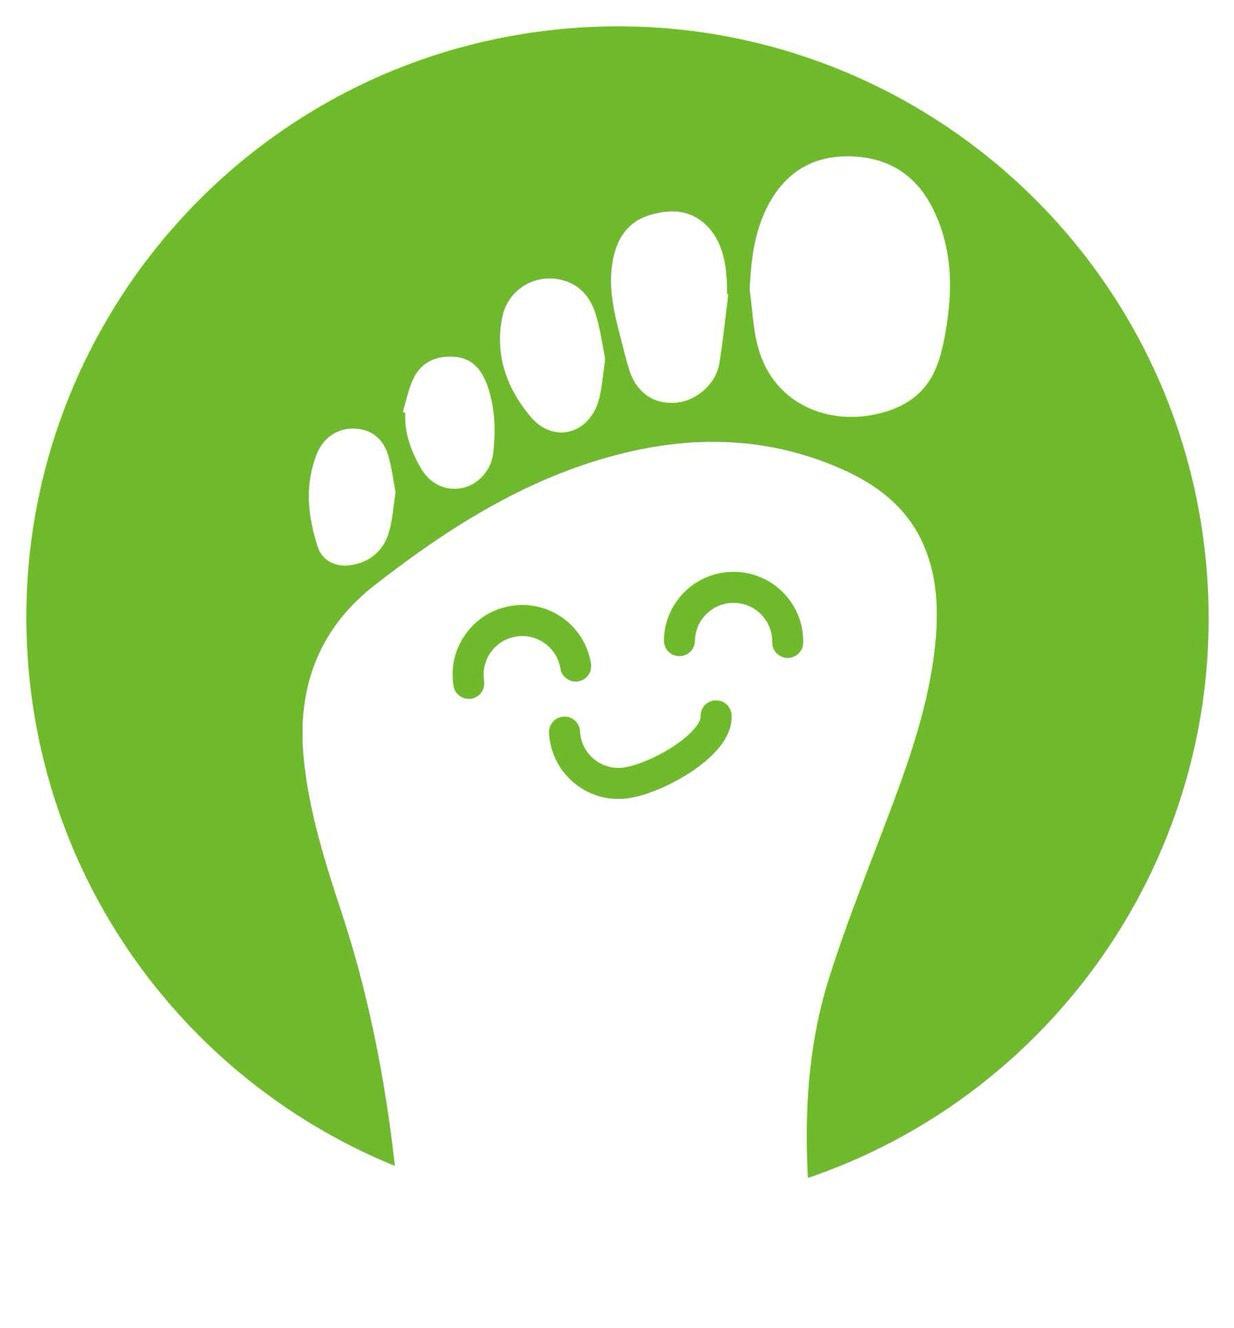 f.foot1